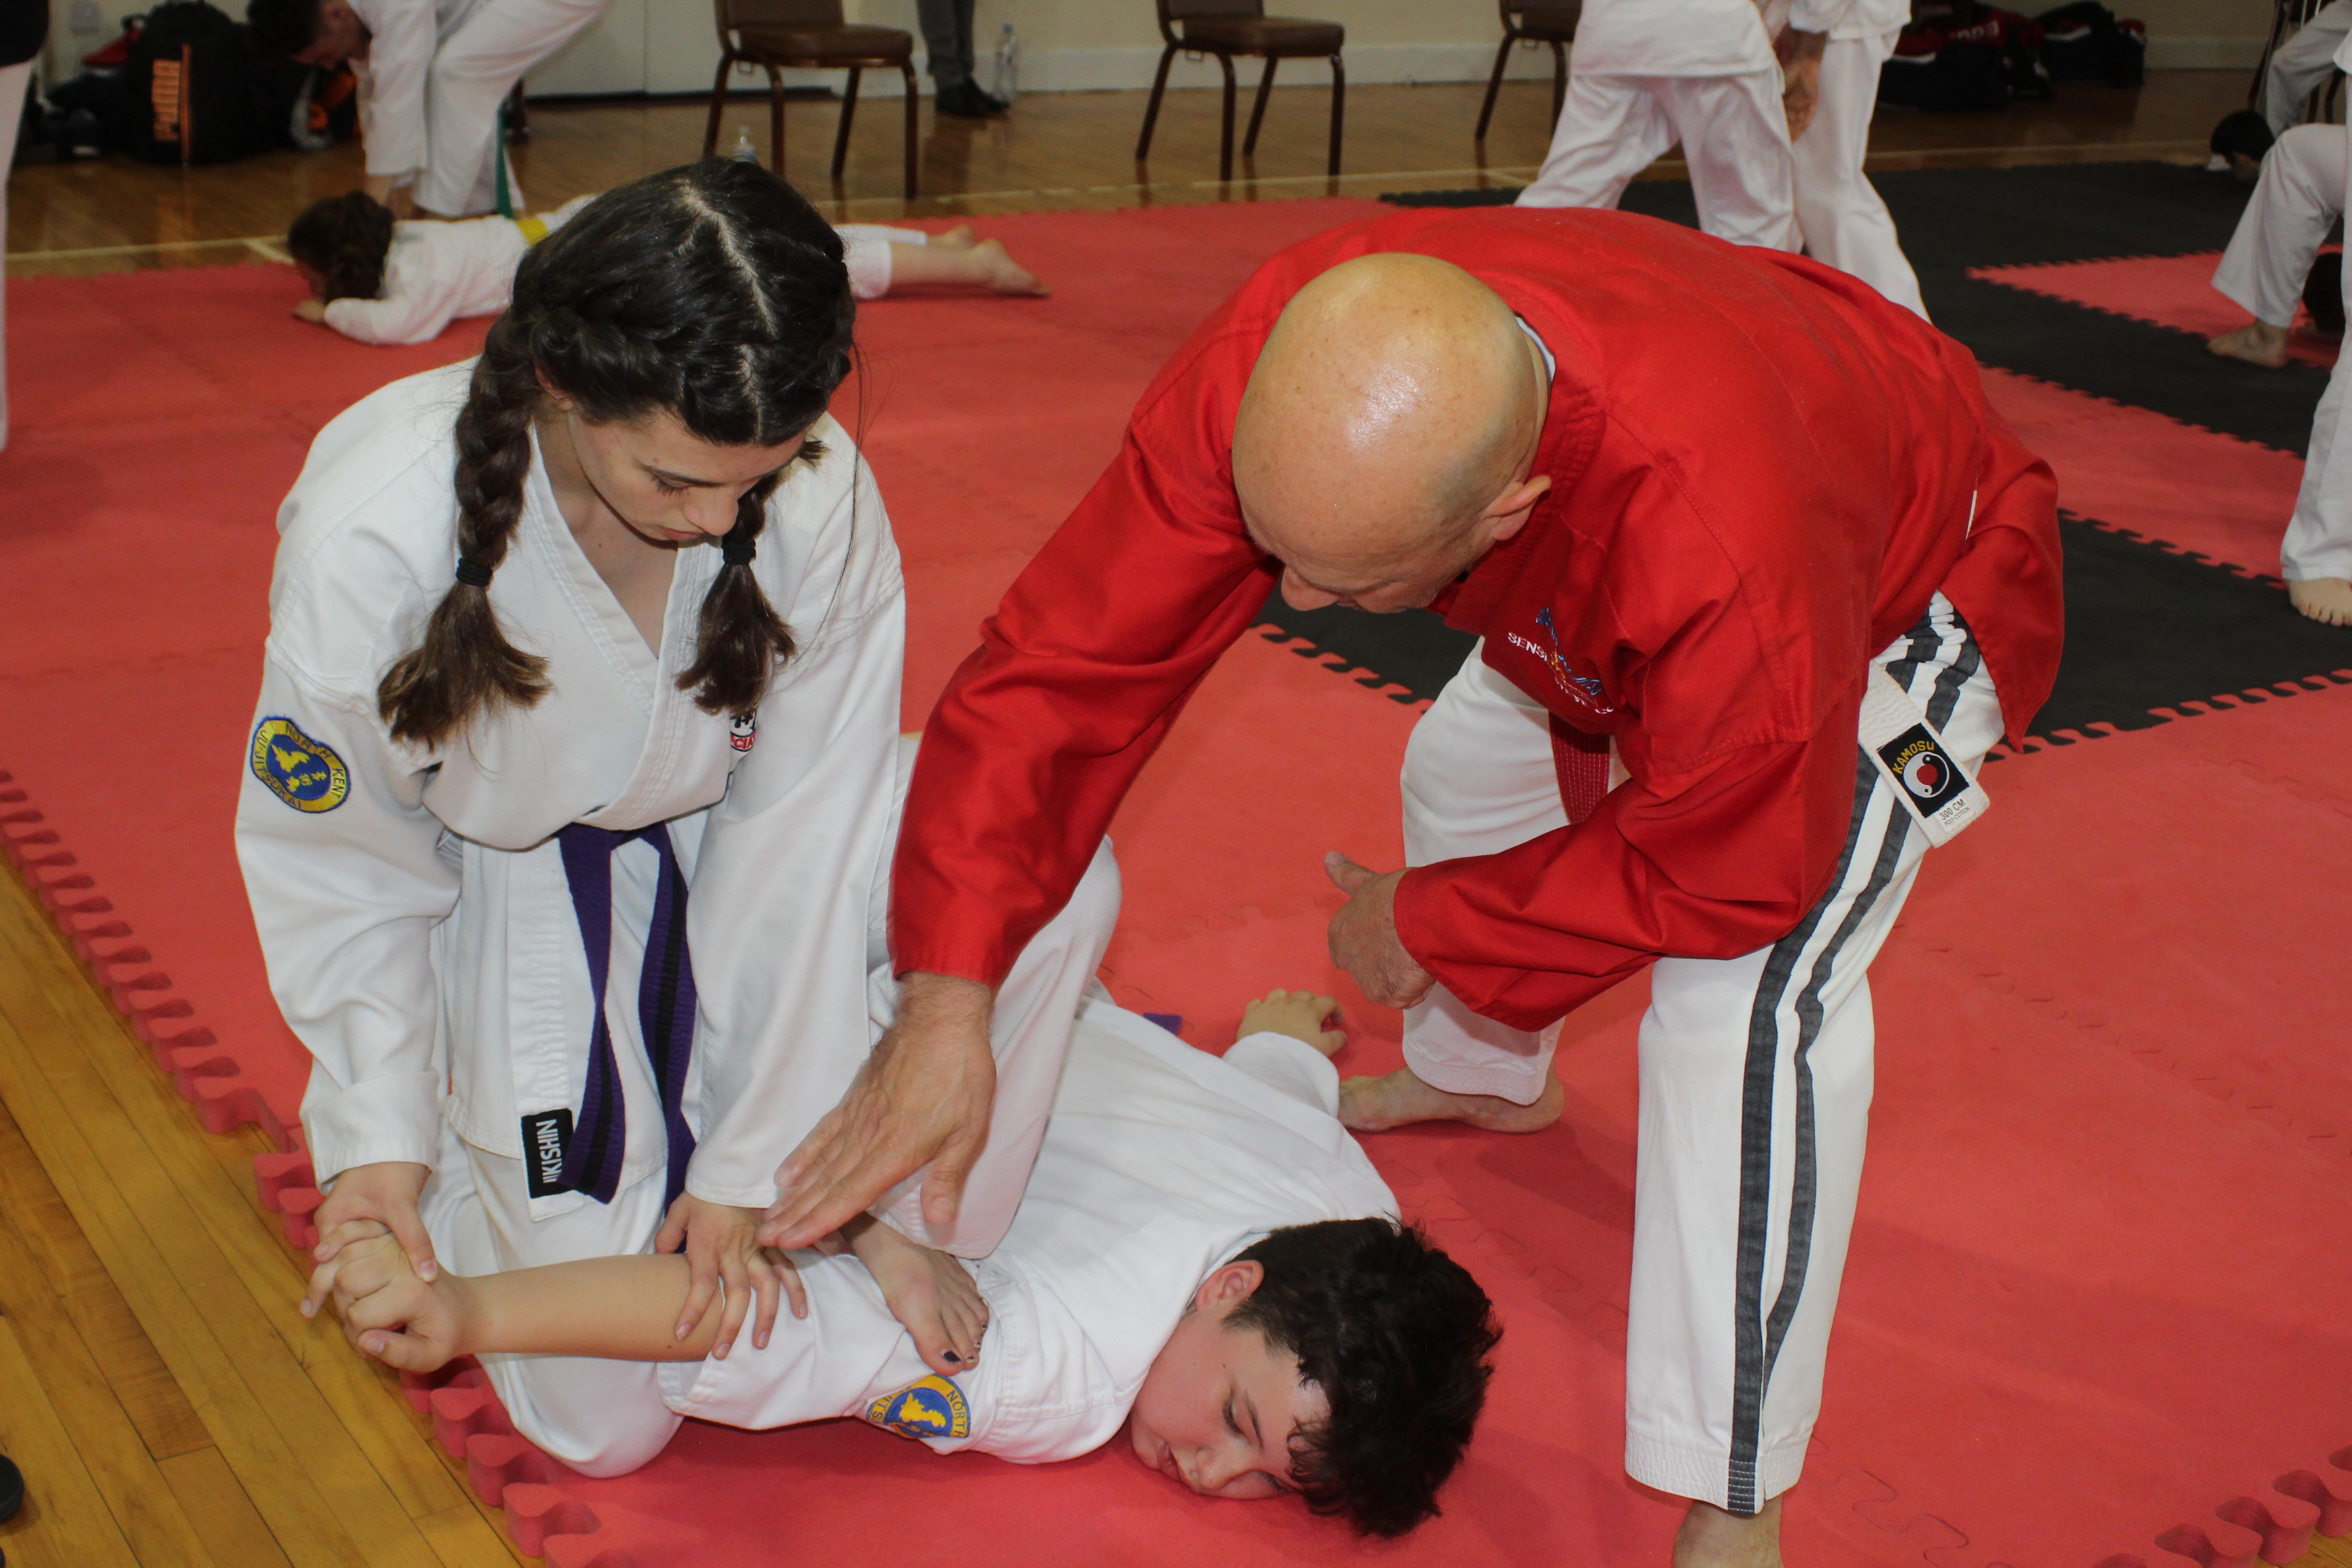 Shihan Teaching